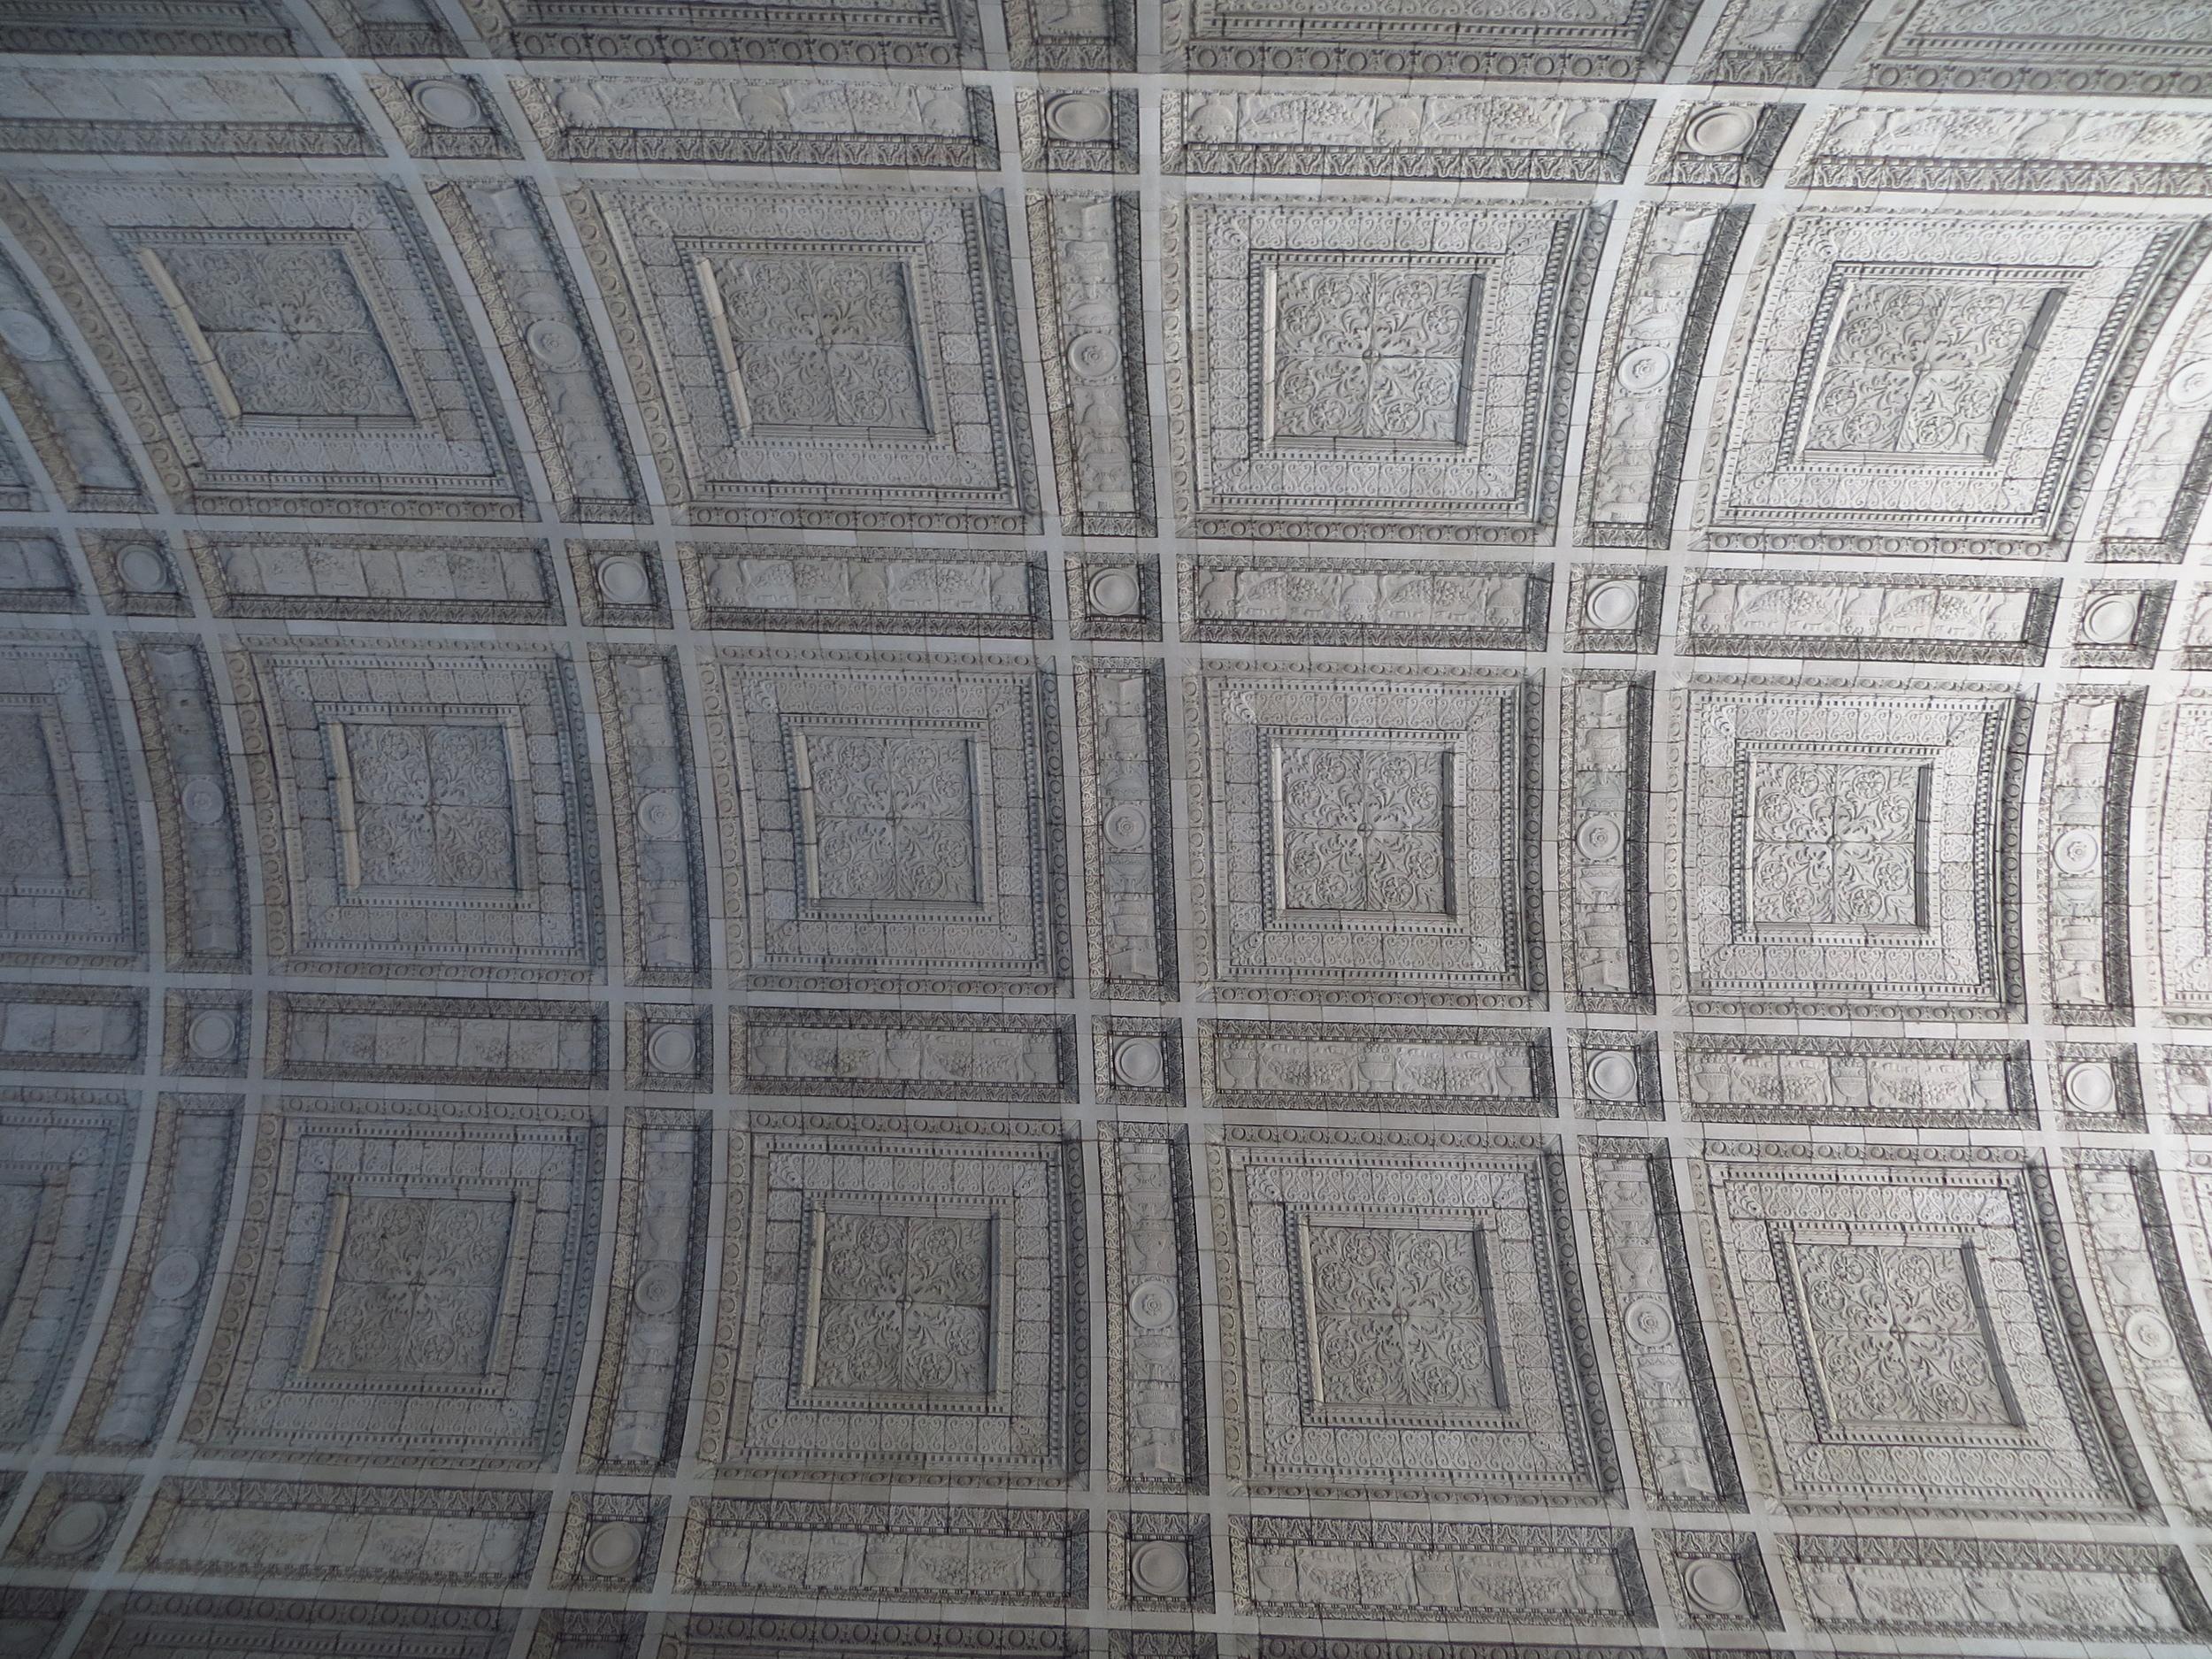 Manhattan Municipal Building breezeway ceiling